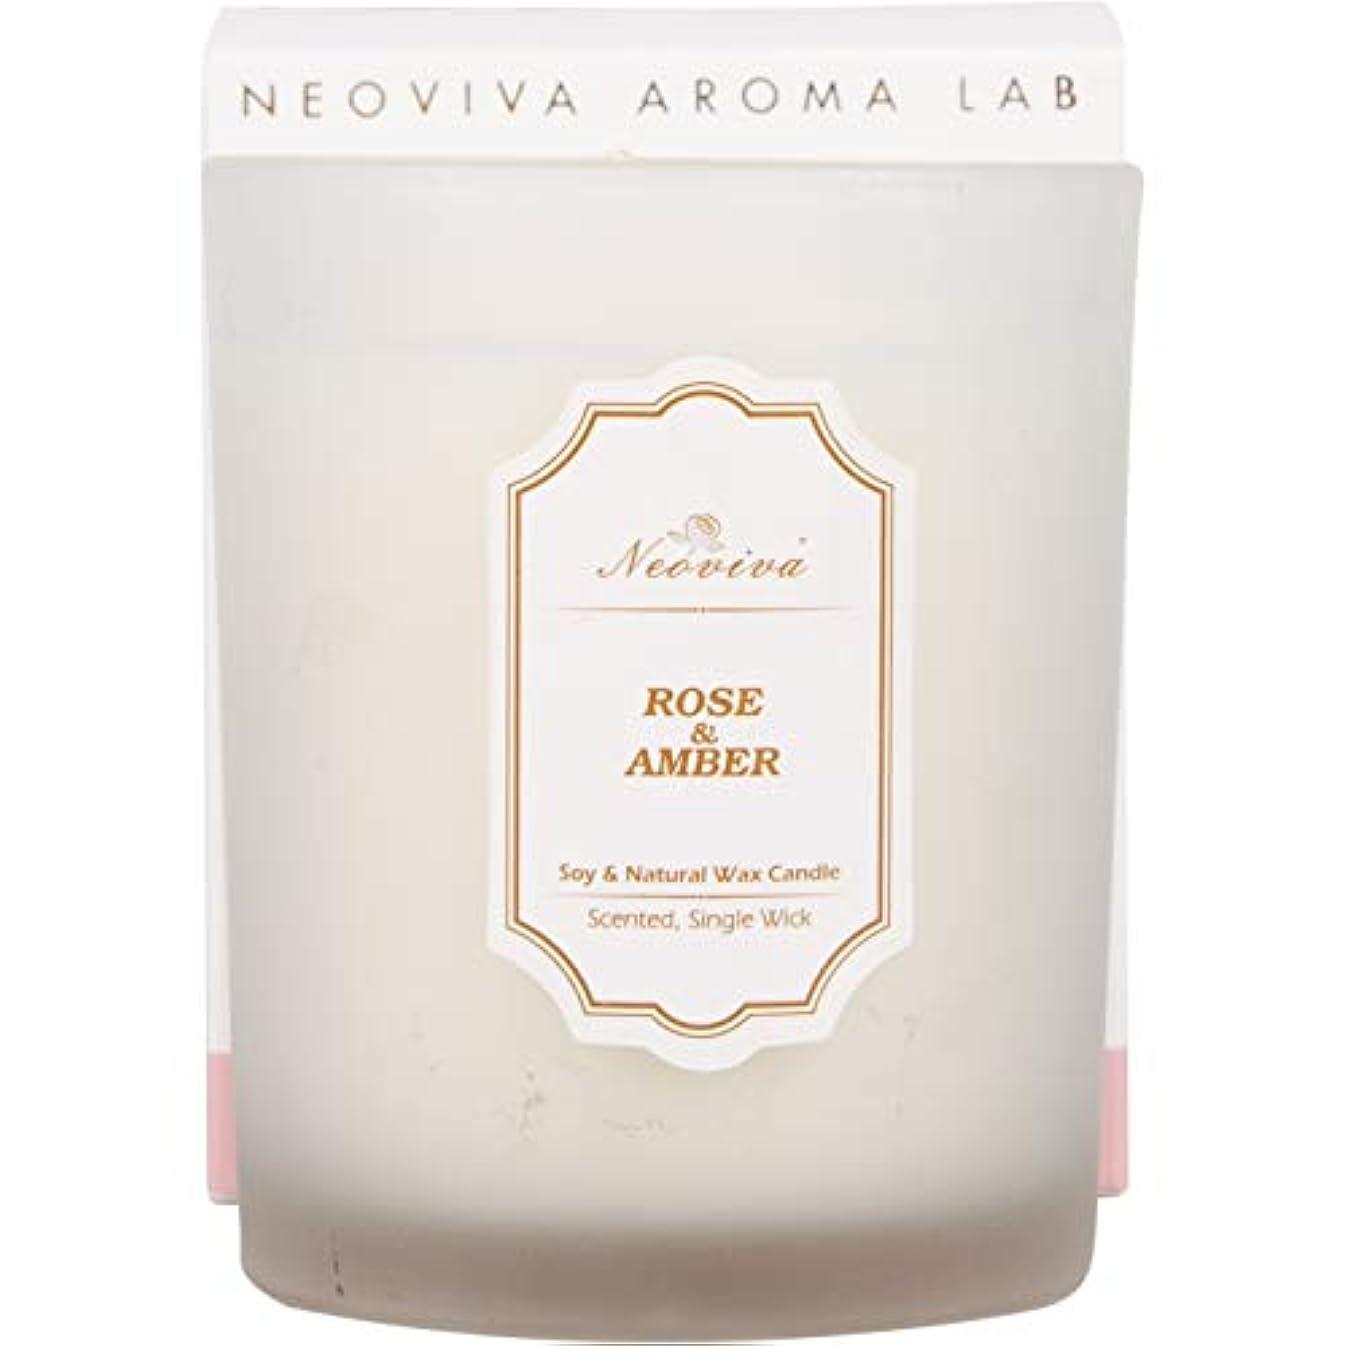 セラーフォーカス重要NEOVIVAアロマキャンドル ソイキャンドル インテリア プレゼント  (ROSE&AMBER, WHITE)